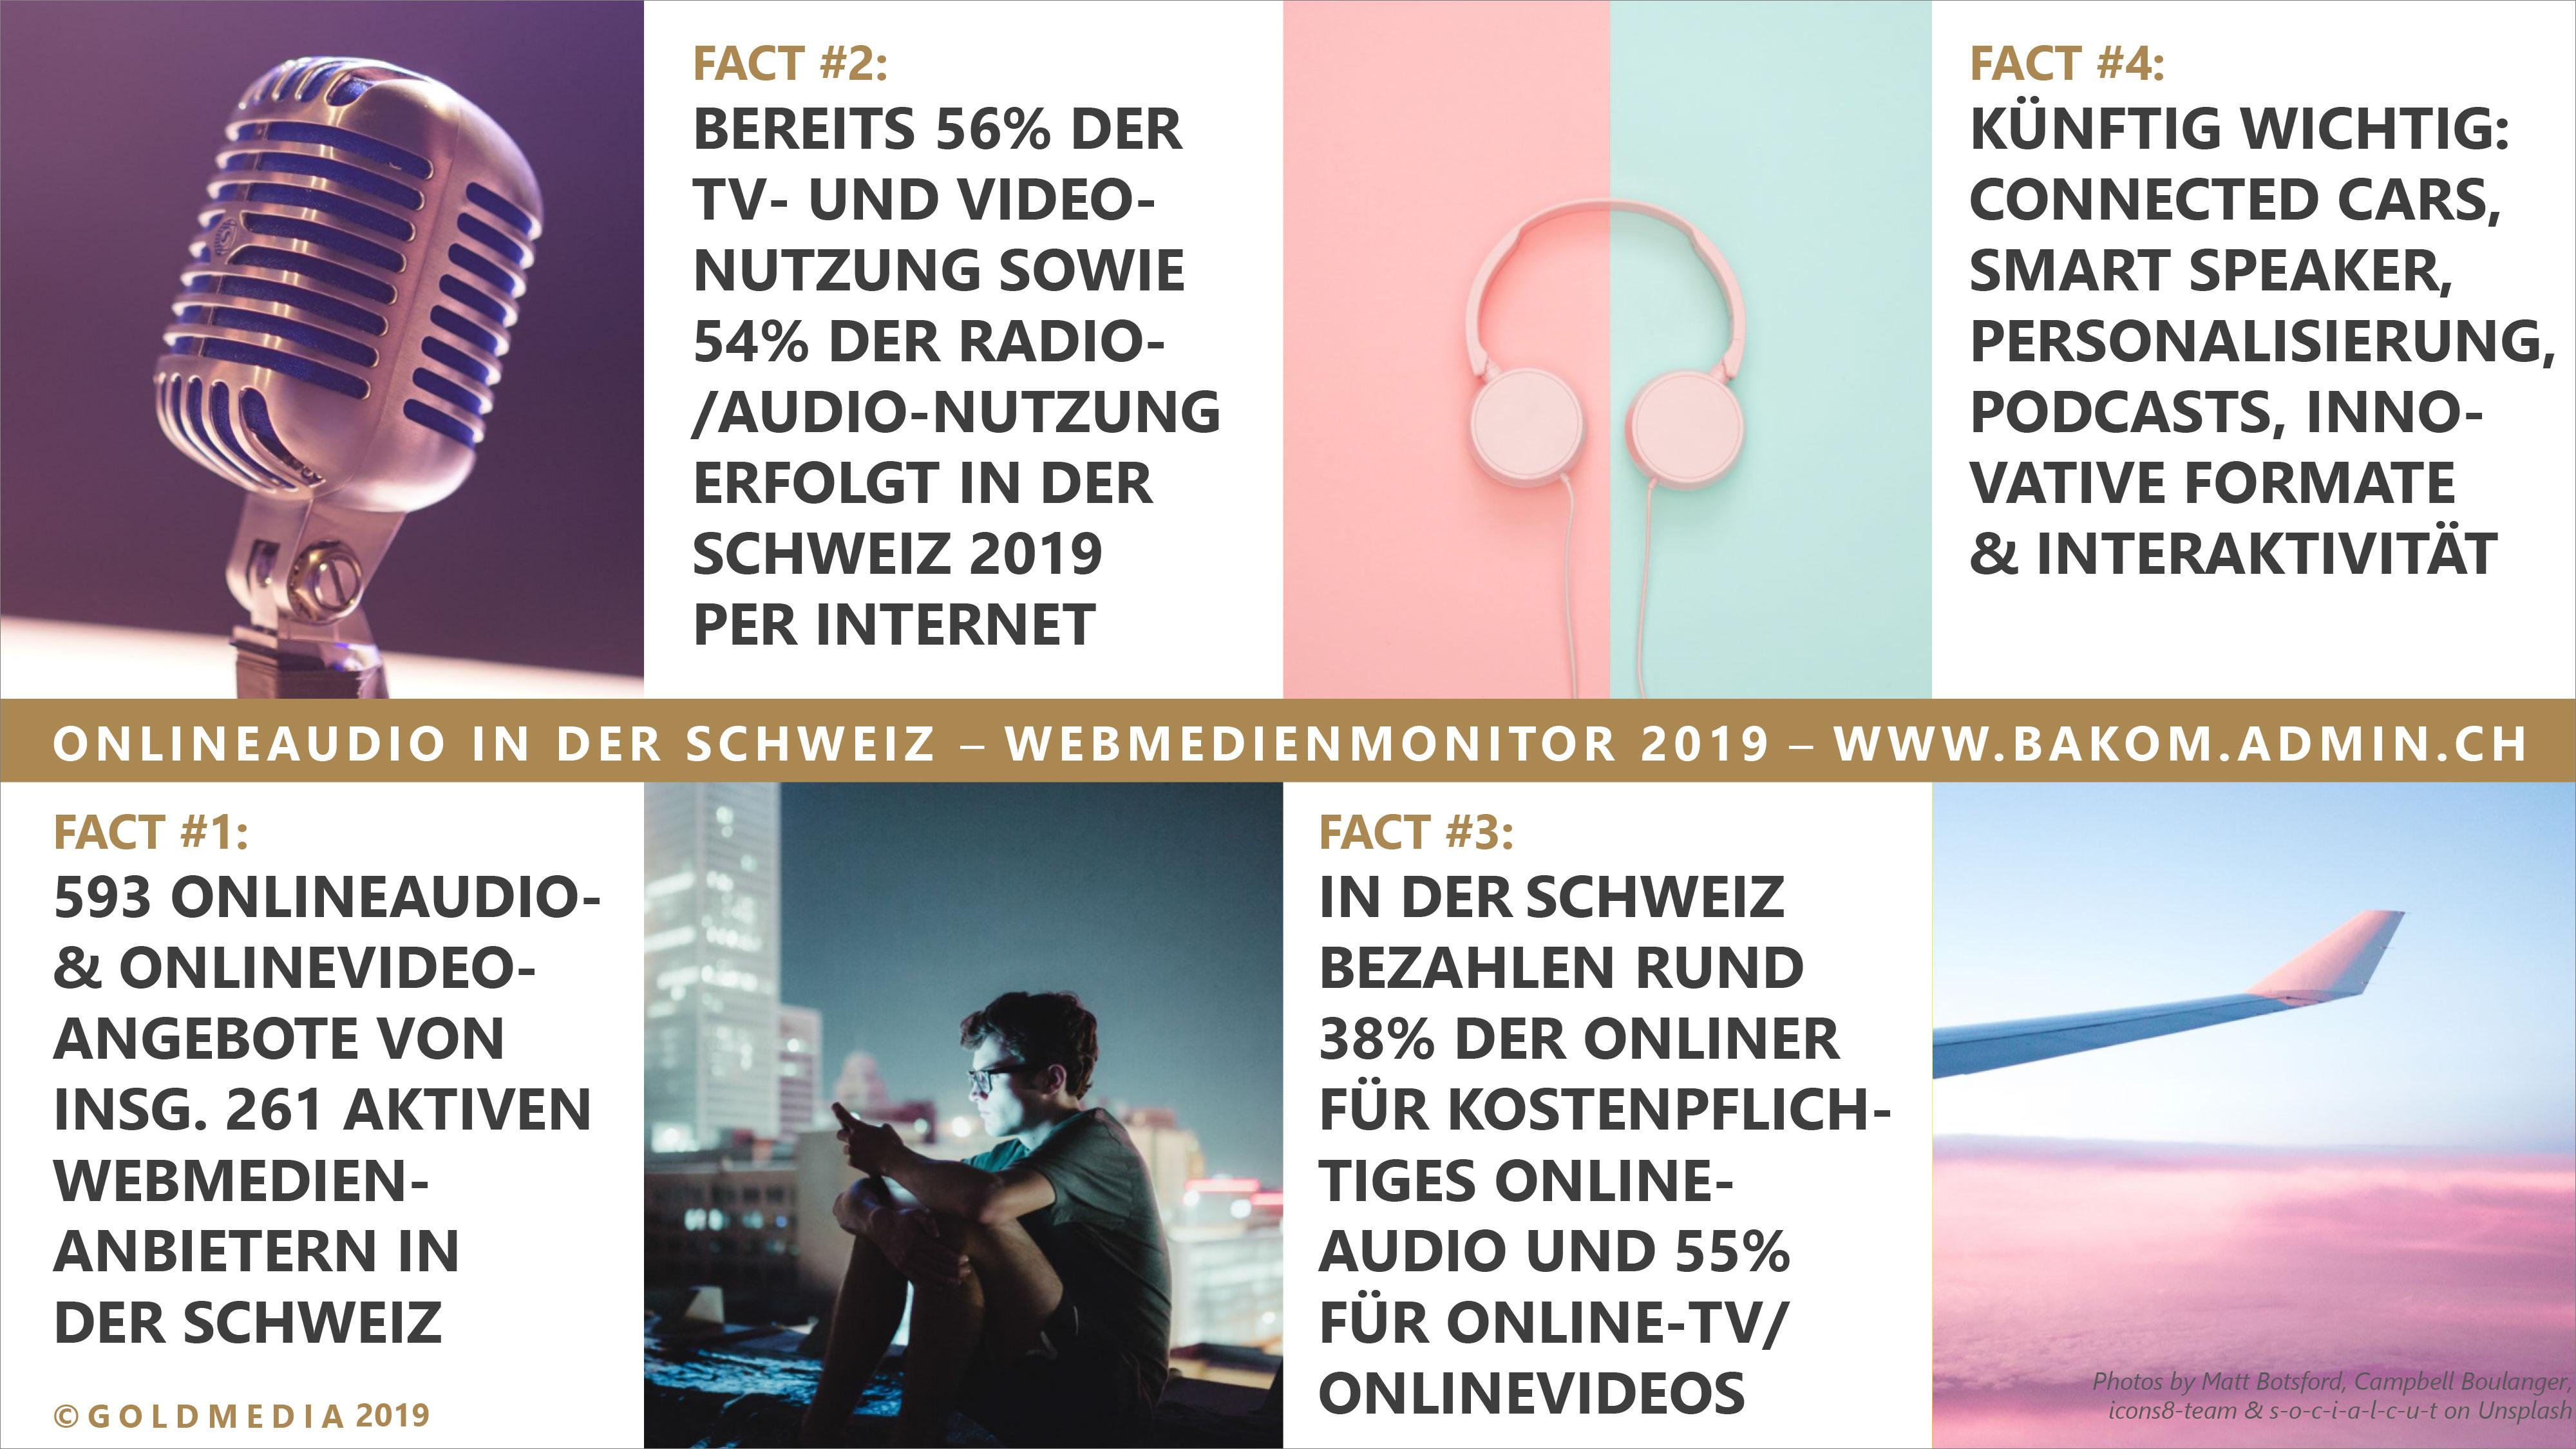 Webmedienmonitor-2019_Infografik_Goldmedia_BAKOM_4000px